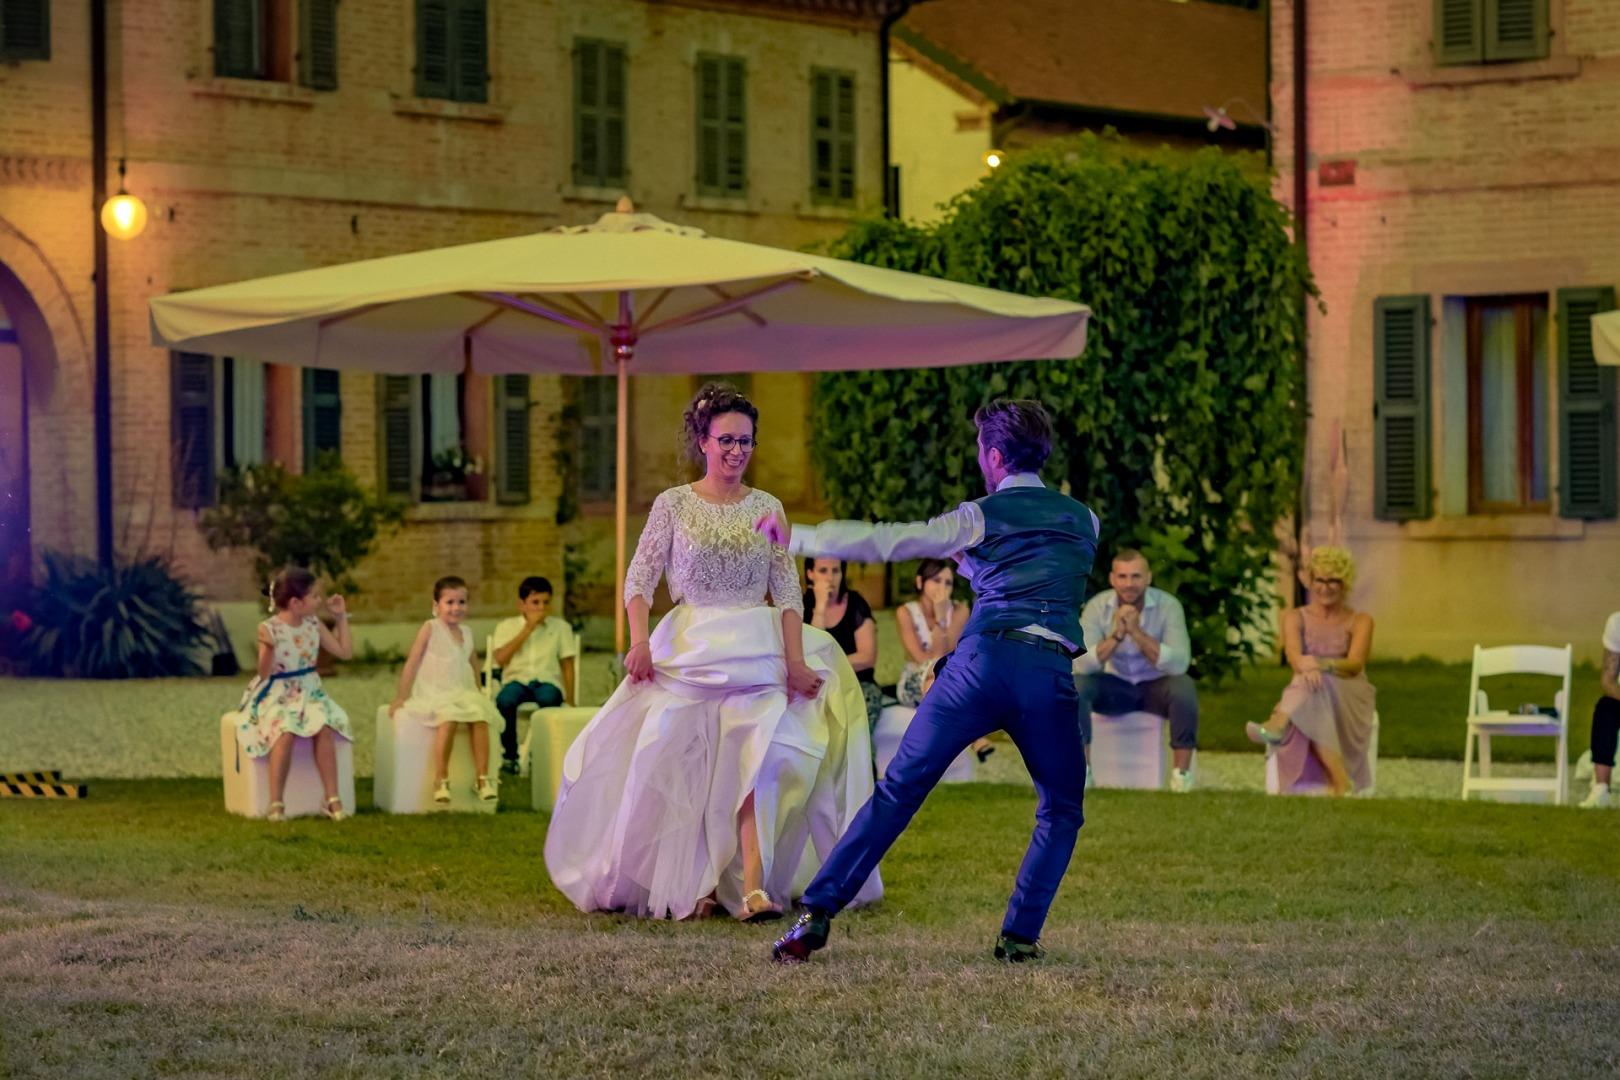 nicola-da-lio-wedding-photographer-venezia-treviso-padova-veneto-italia-155